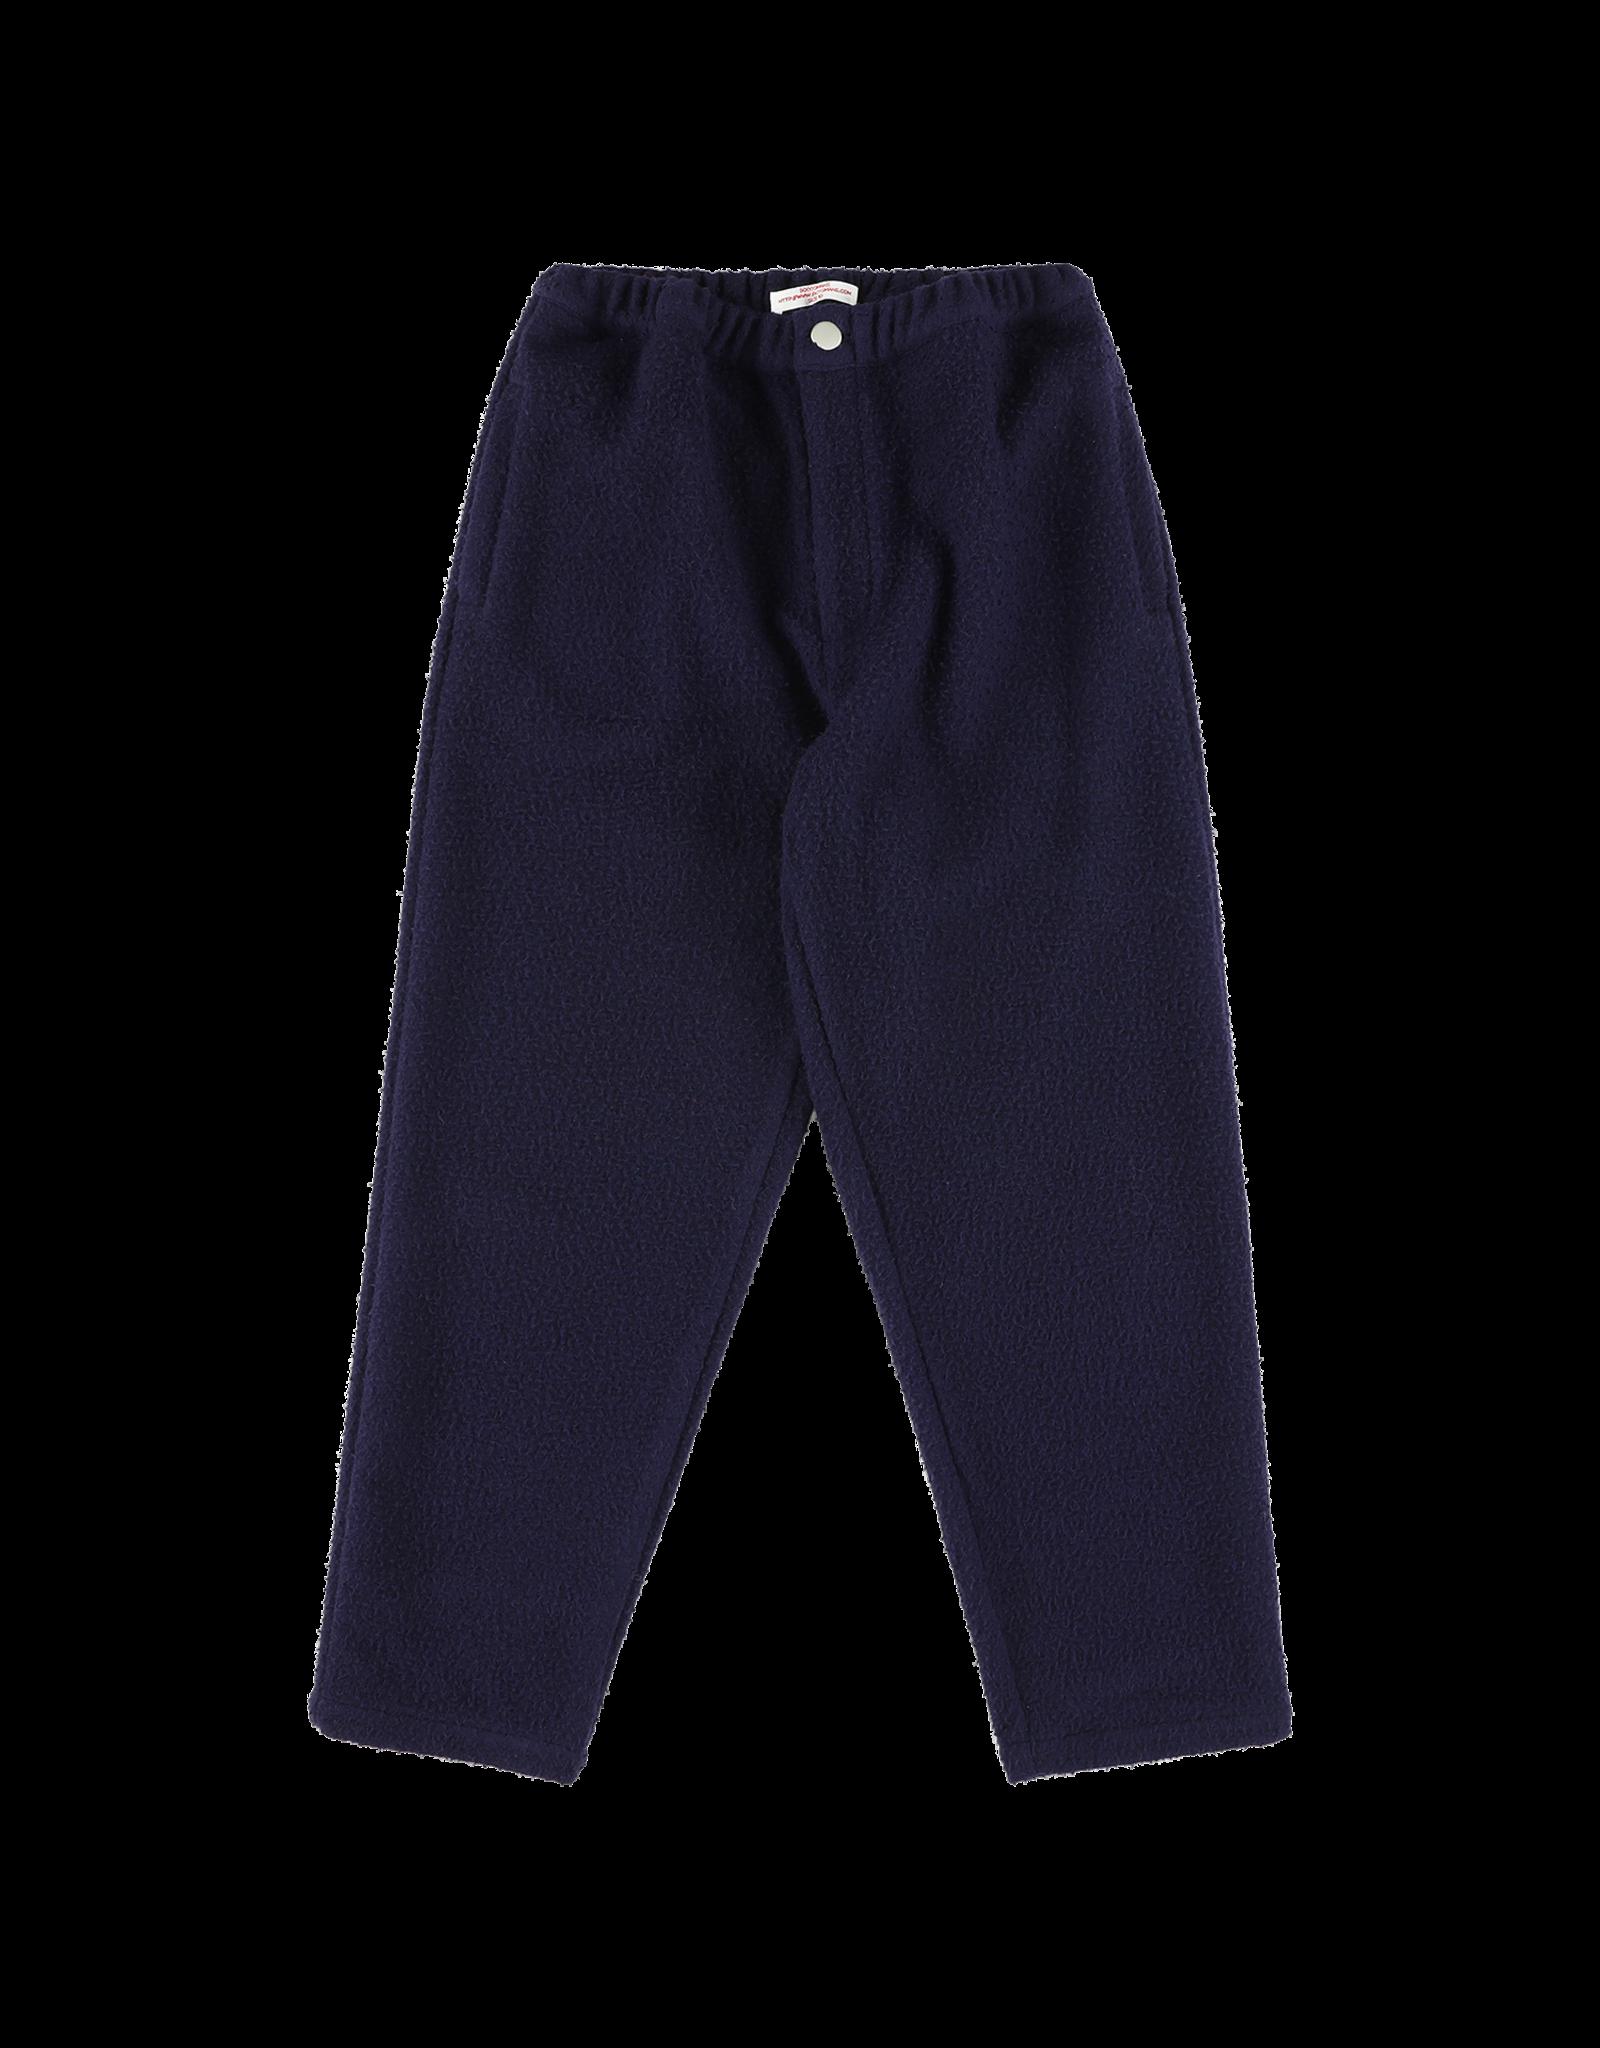 Boysmans Boysmans FW21 B202 60 Pants wool blue